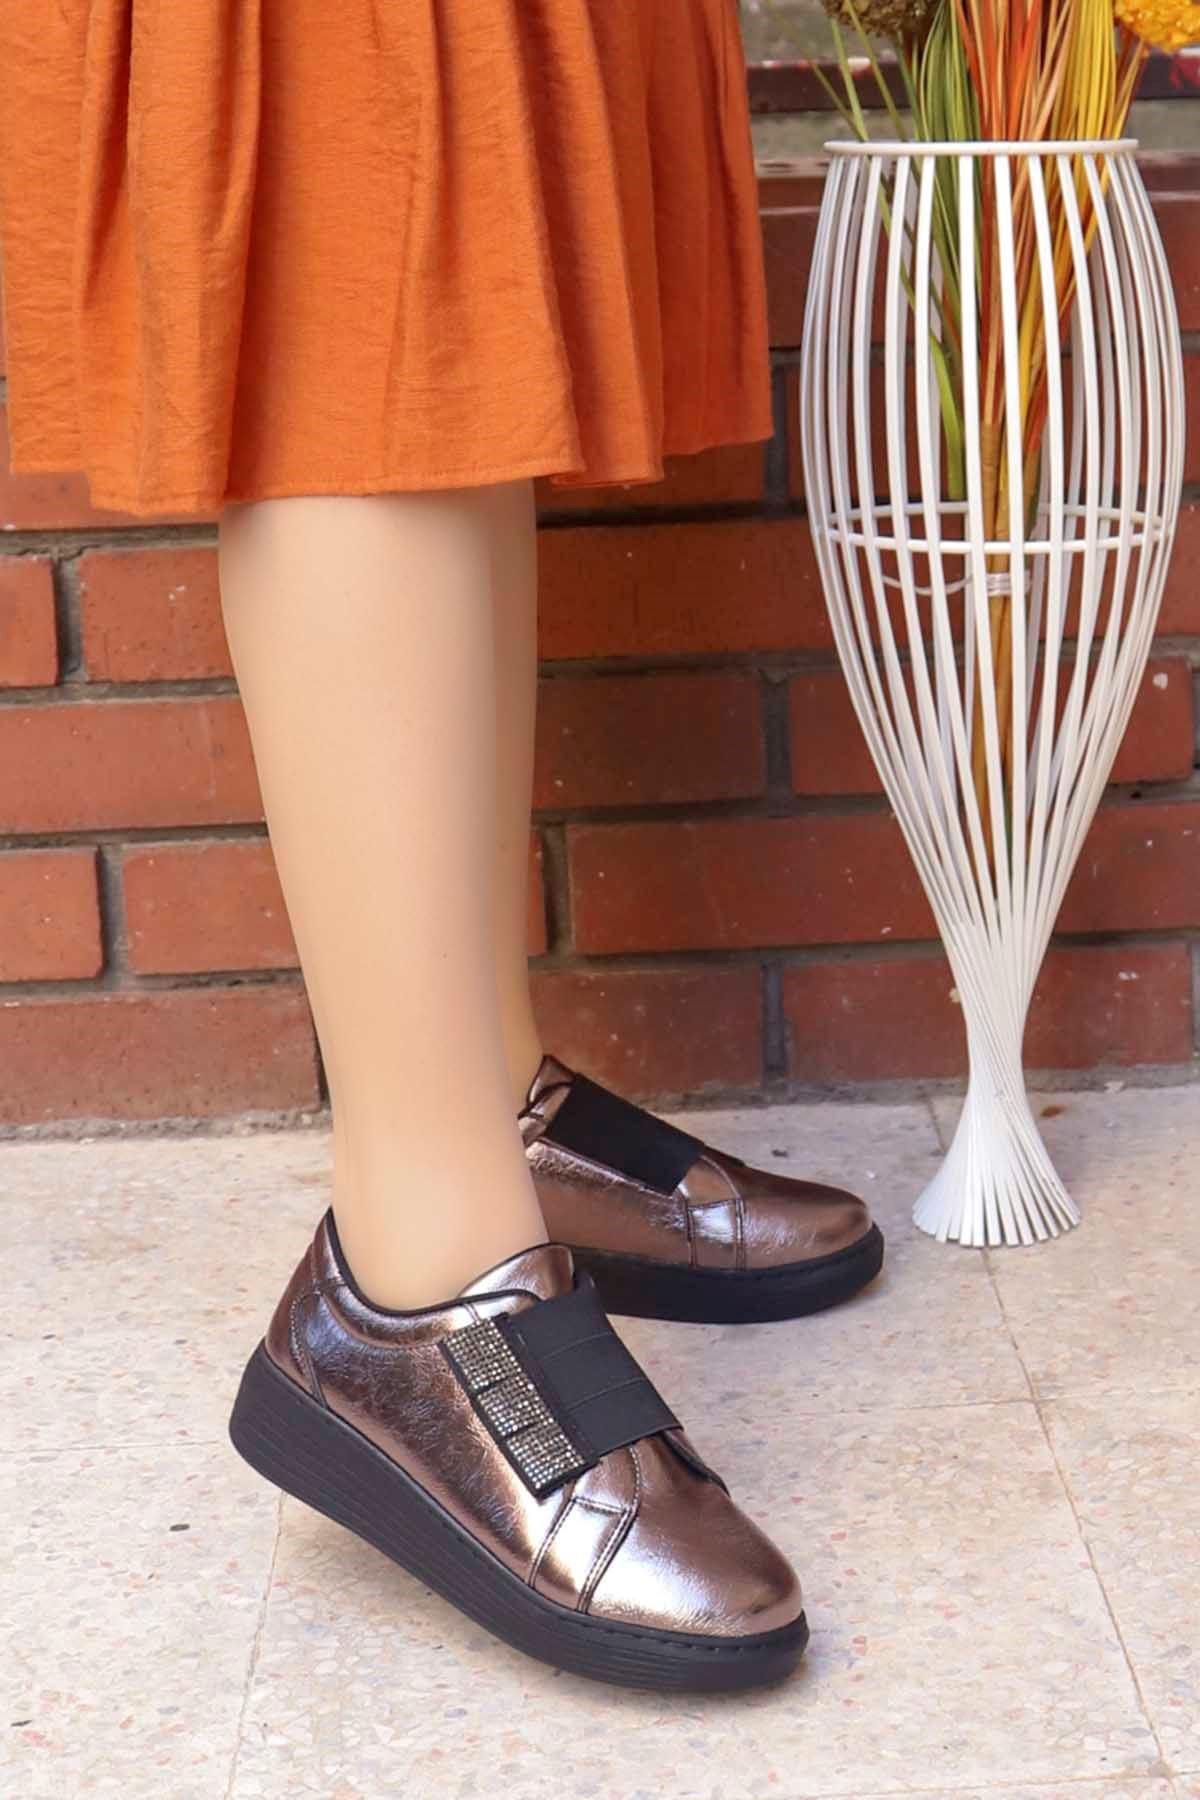 mami-066 Lastik Taş Detay Spor Ayakkabı Platin Deri